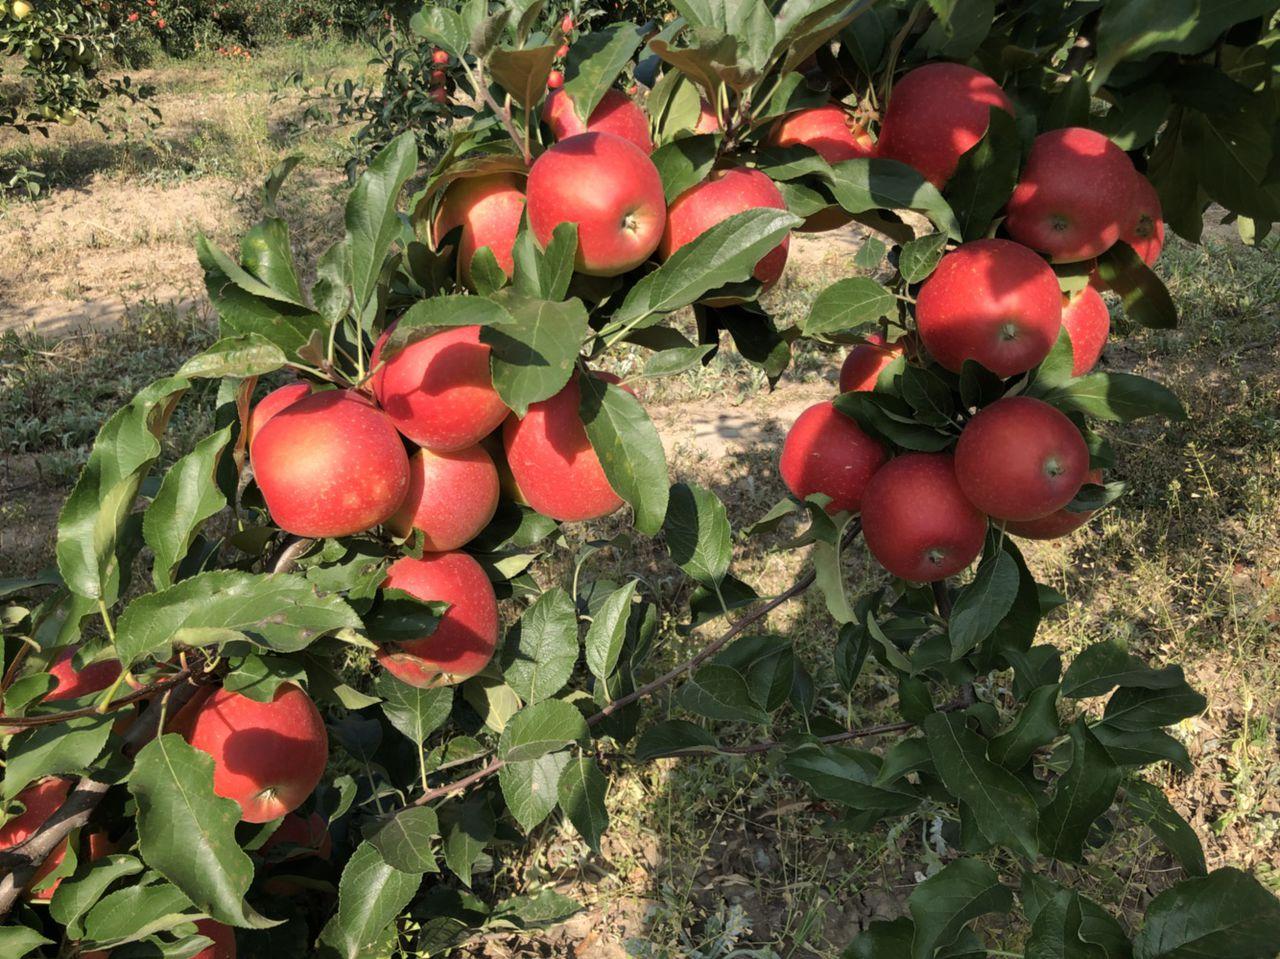 Яблоня гала: описание и характеристики сорта, разновидности, выращивание и уход